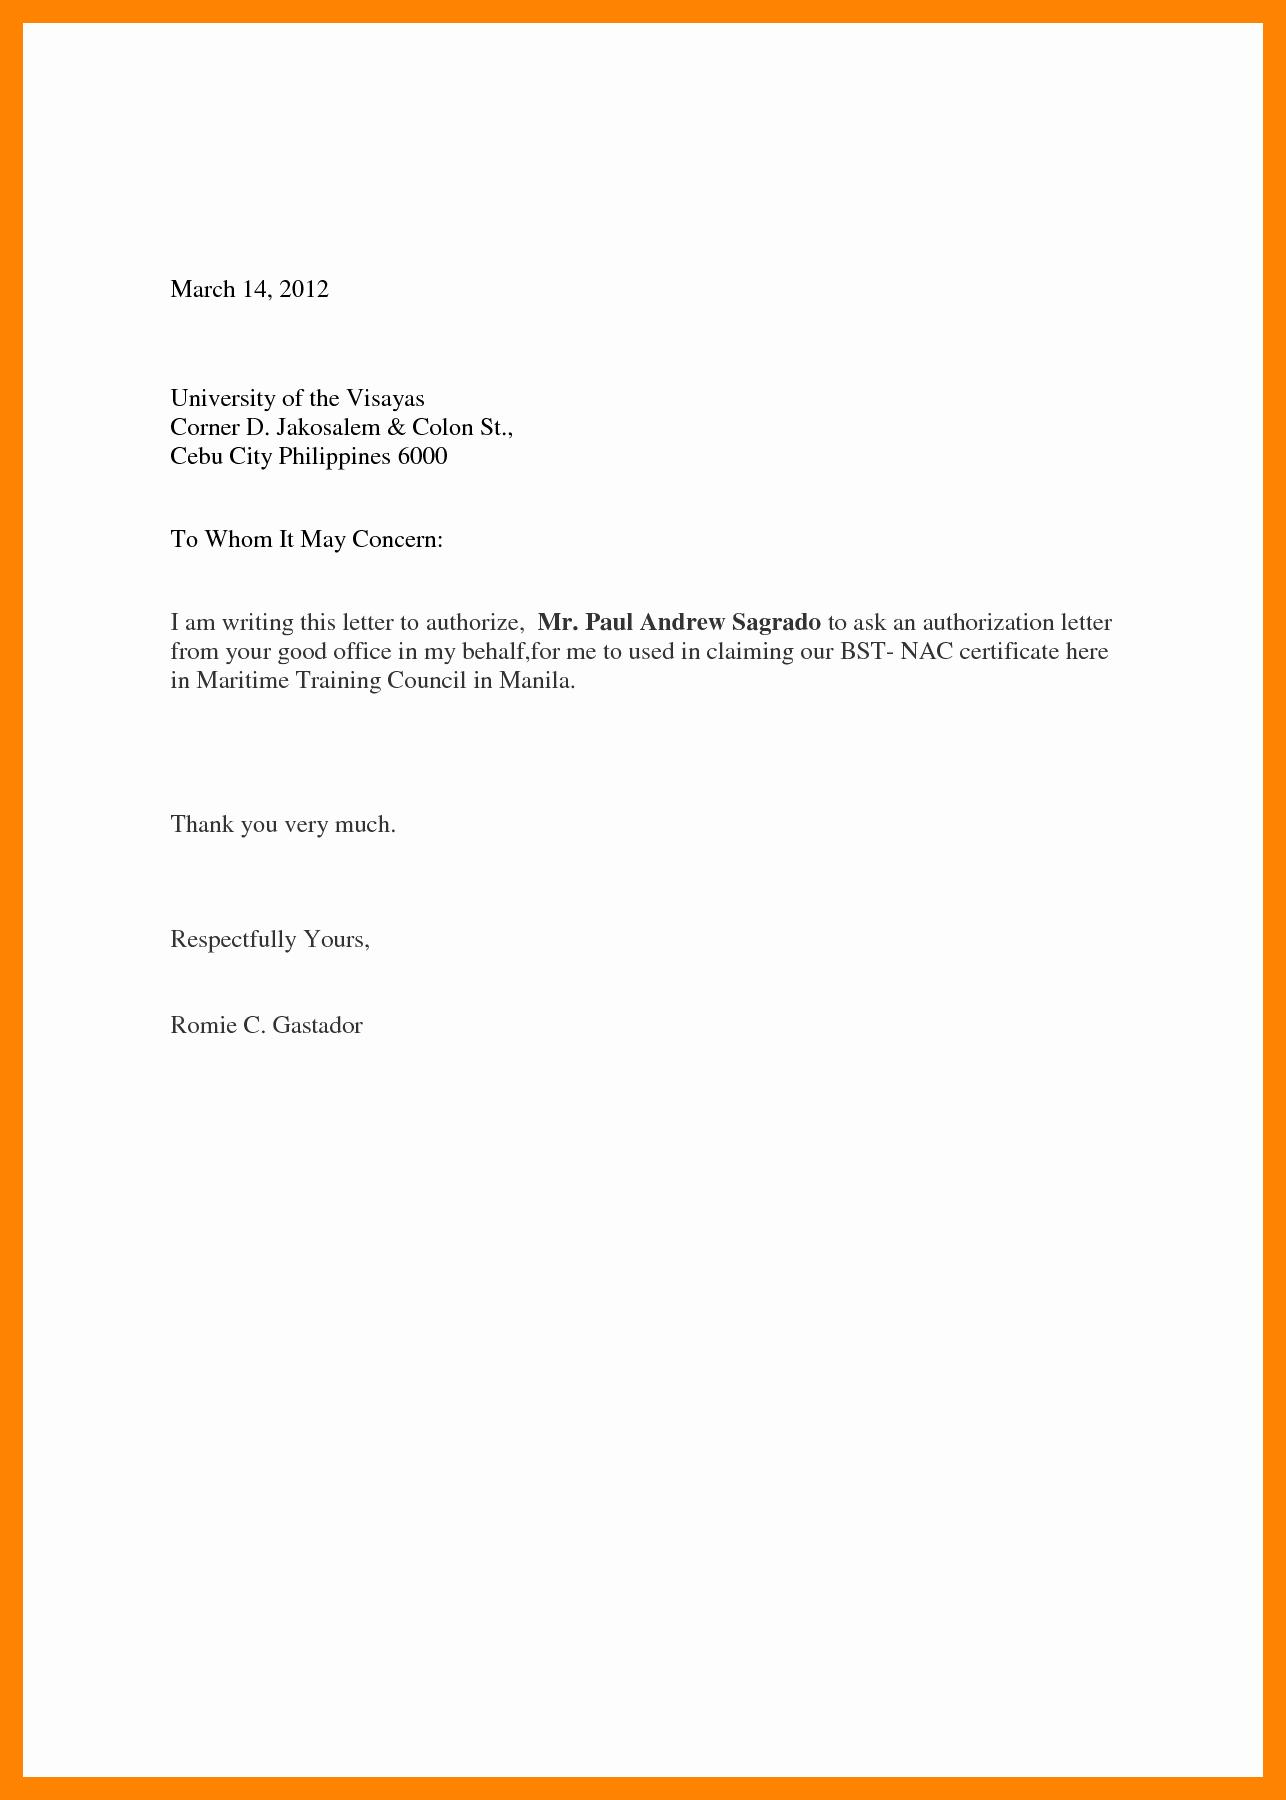 Sample Letter Of Reimbursement Money Elegant 13 Authorization Letter for Sss